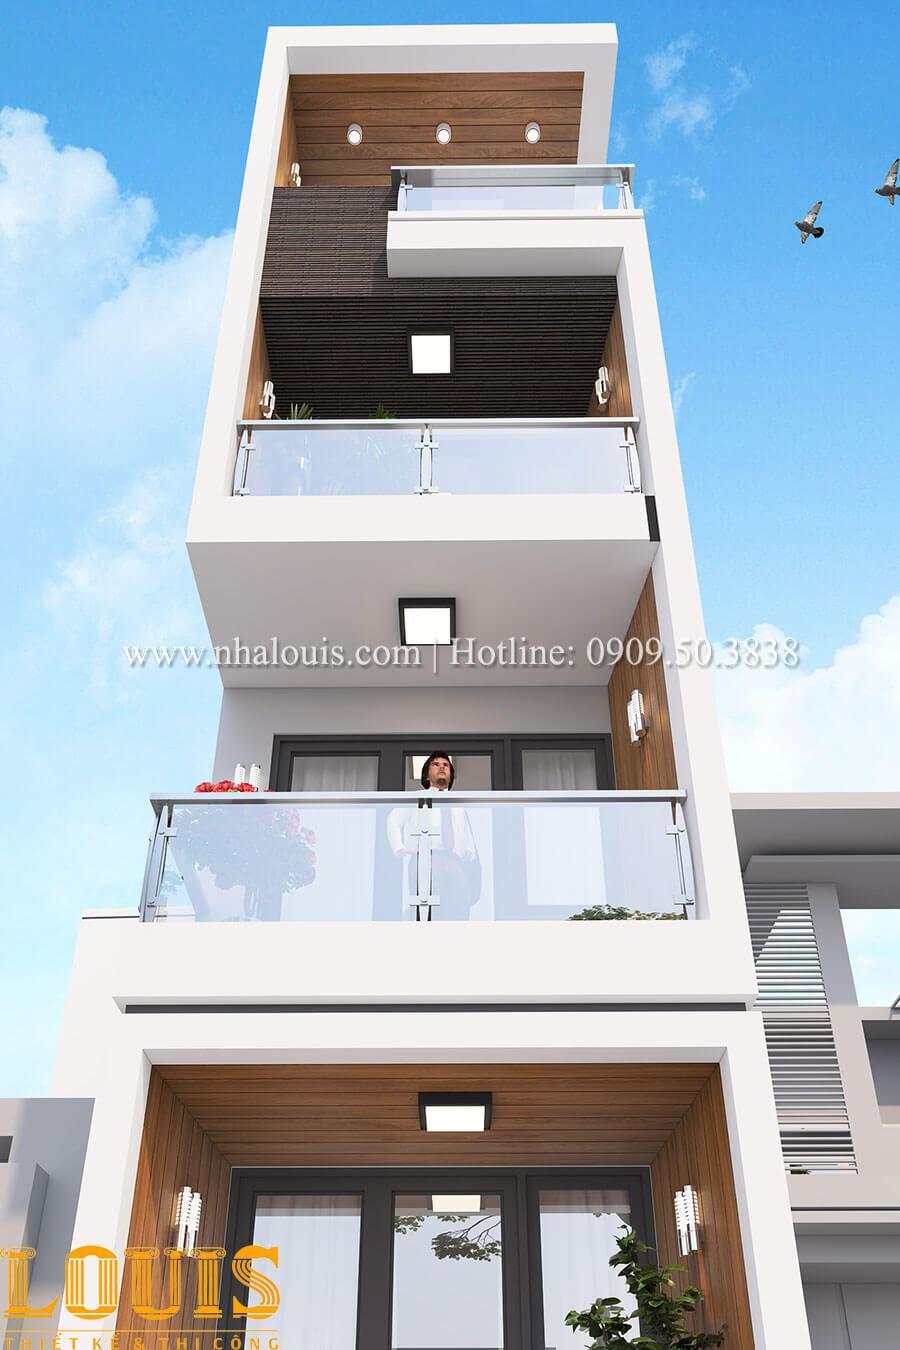 Mặt tiền Mẫu nhà 5 tầng đẹp hiện đại với thiết kế tối giản tại Tân Bình - 05